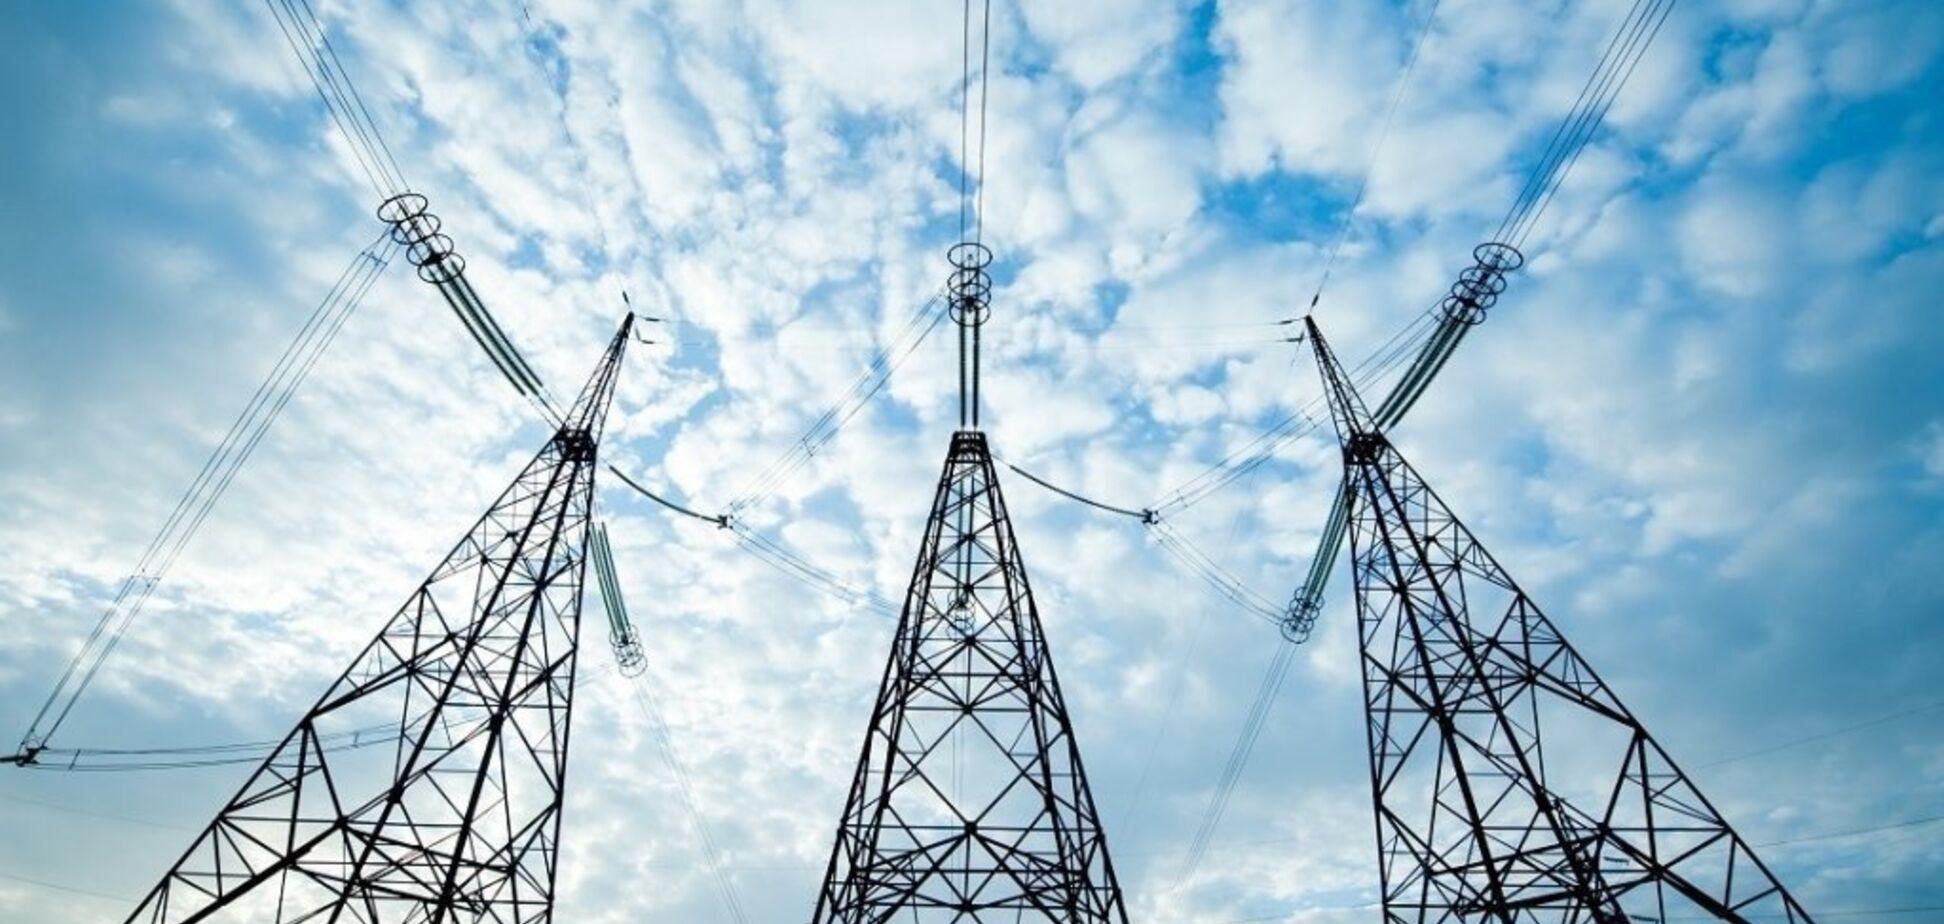 Тарифы на электроэнергию для населения должны быть установлены на экономически обоснованном уровне